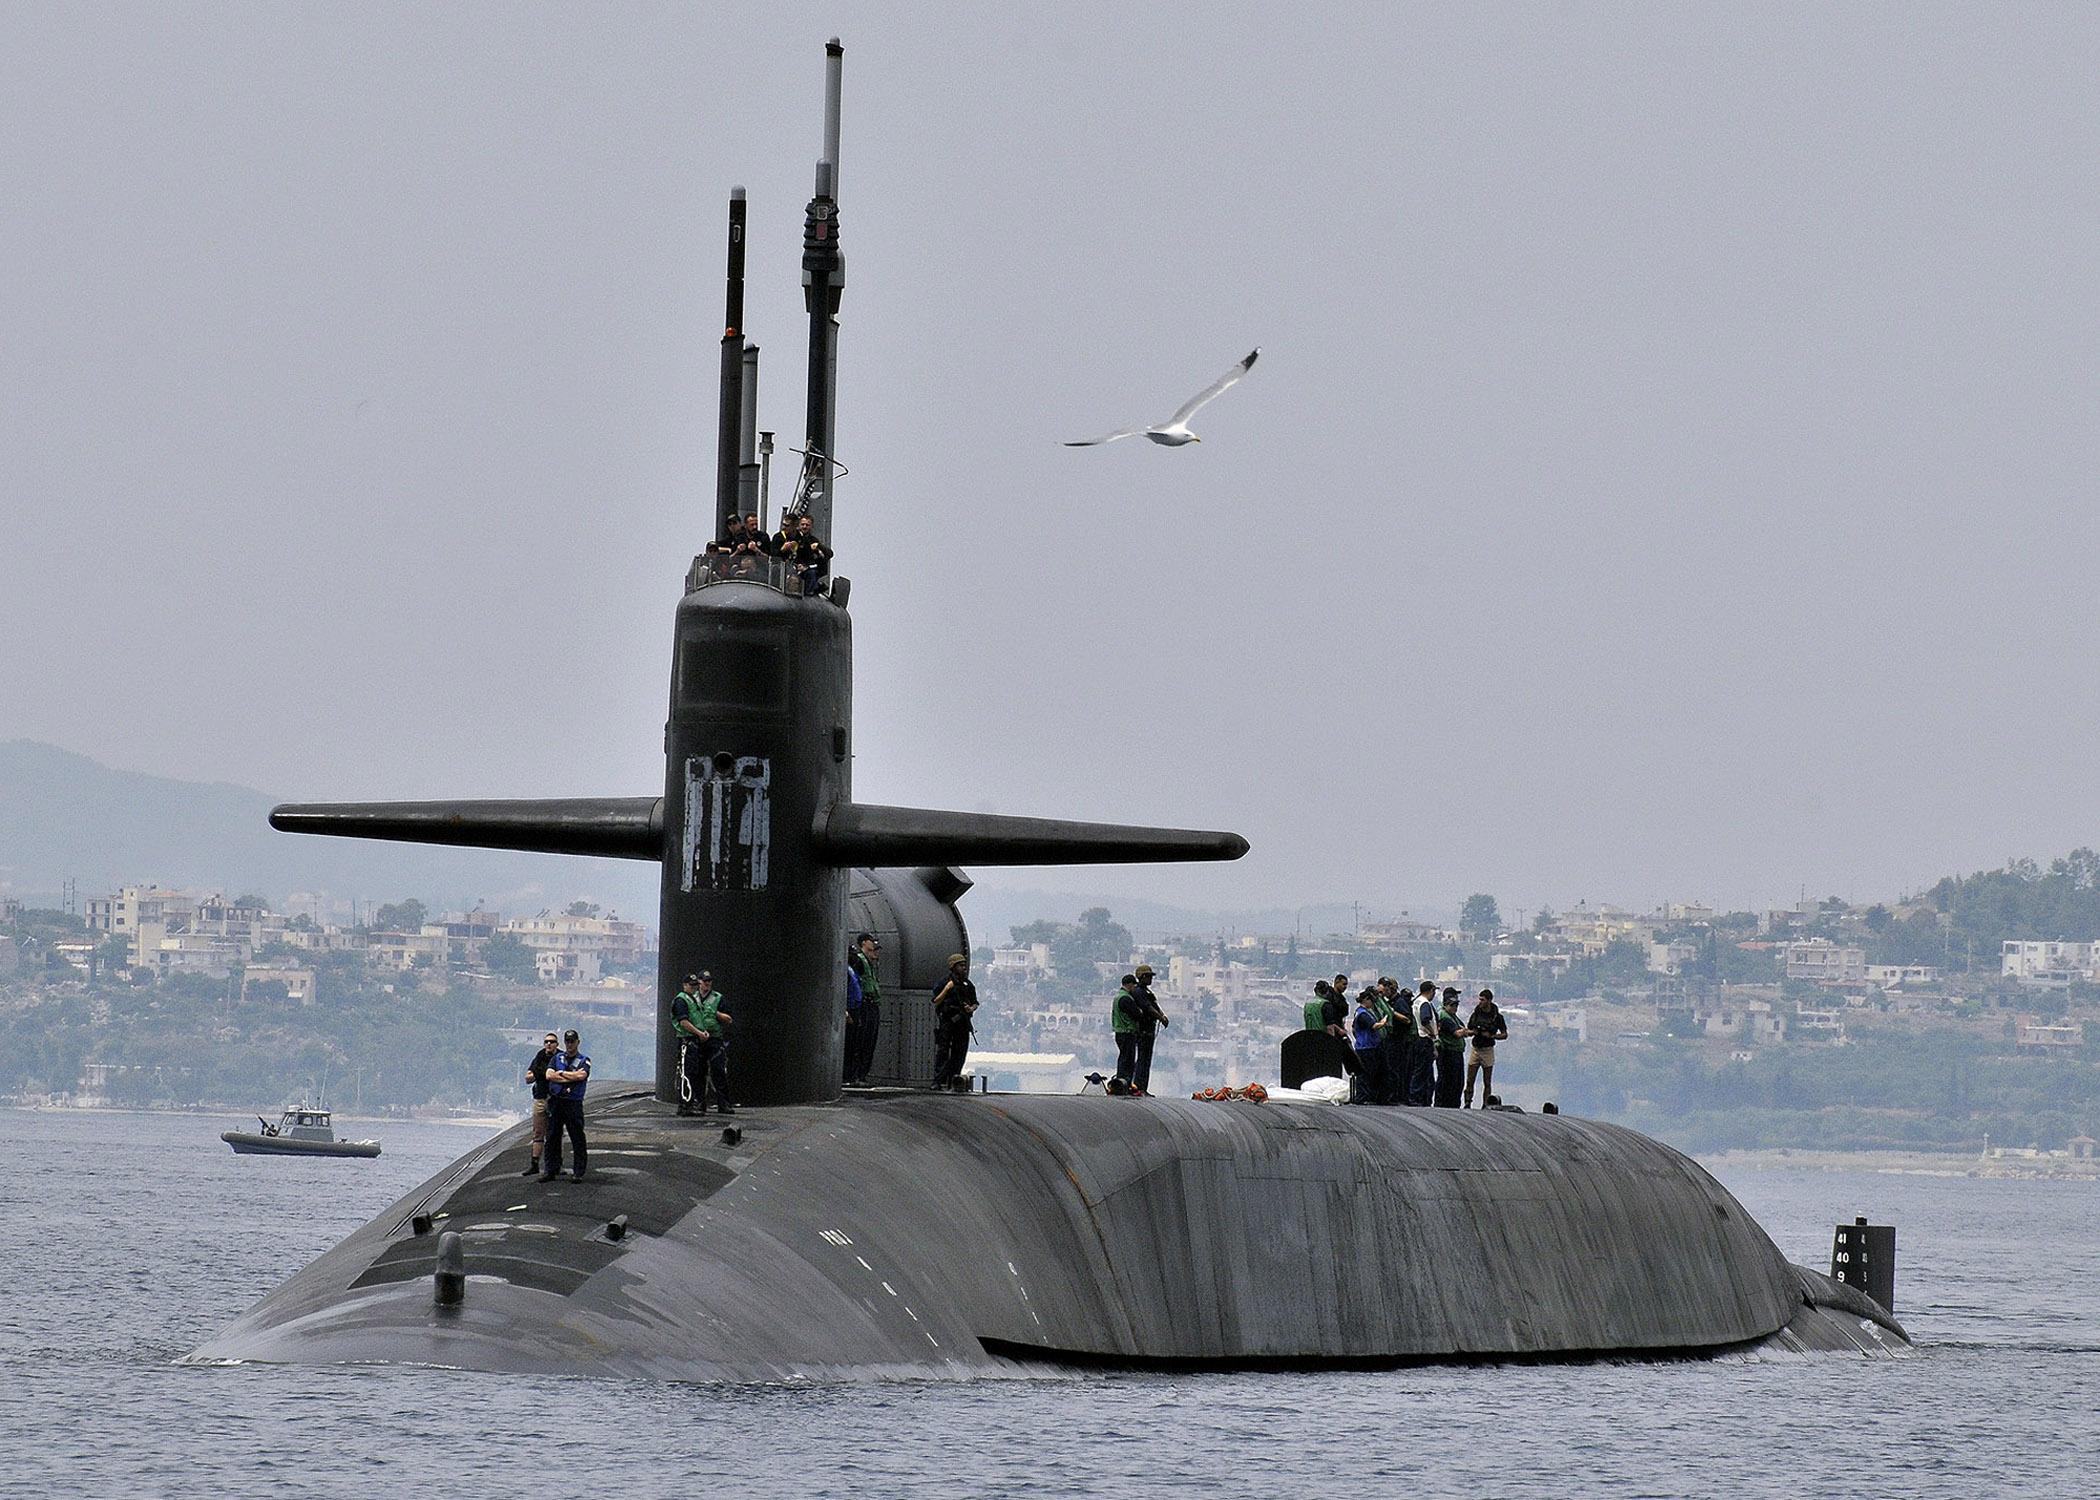 USS GEORGIA SSGN-729 am 16.05.2013 Souda, Kreta